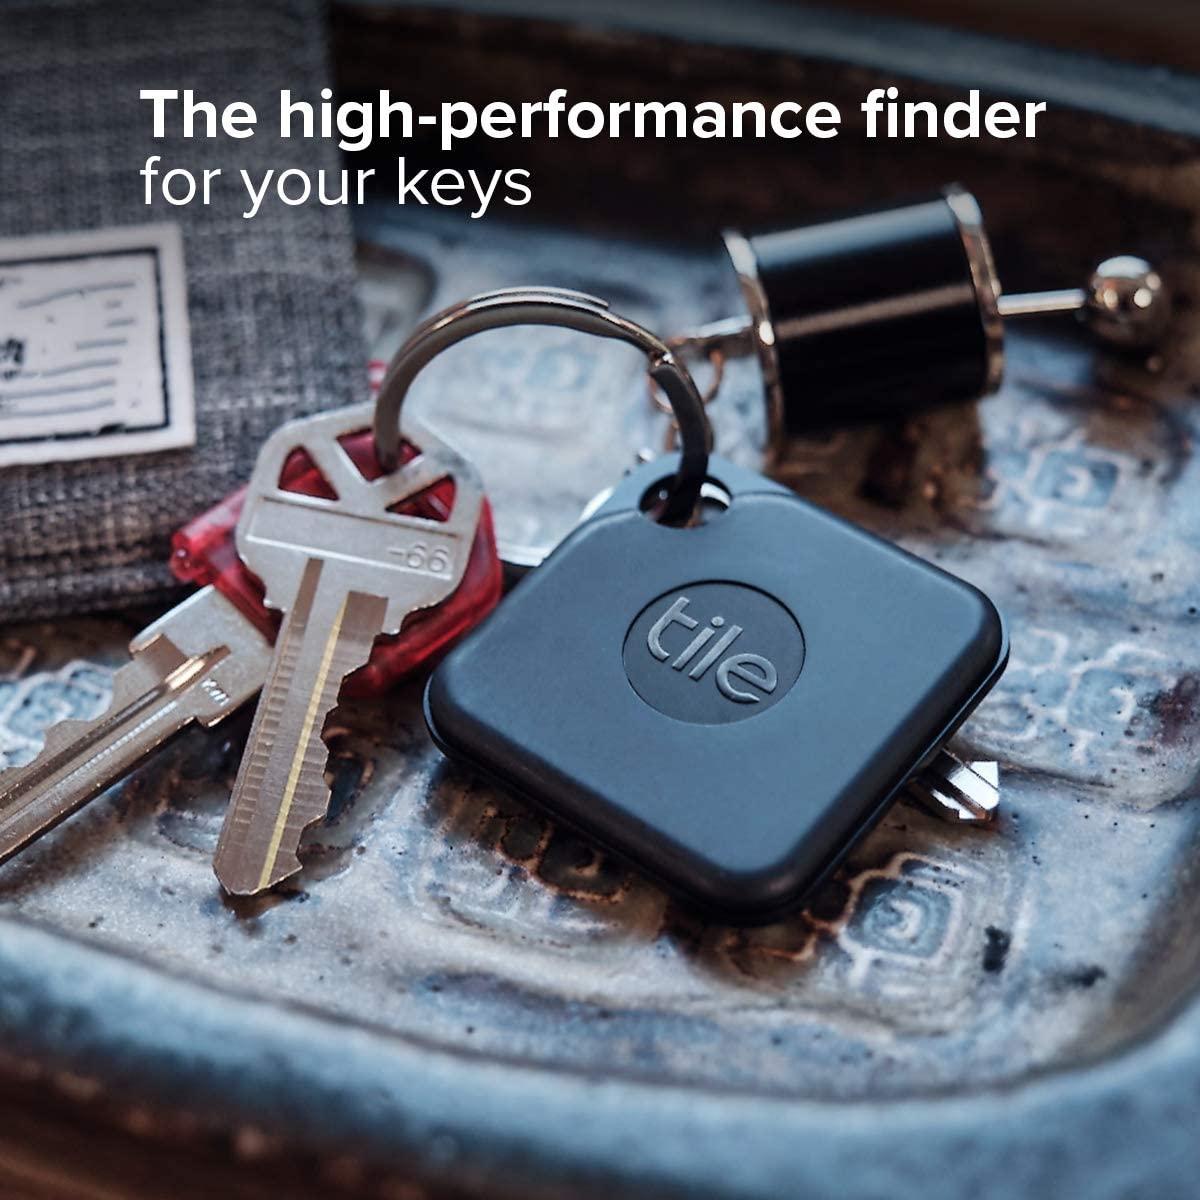 8. Tile Pro Bluetooth Item Finder